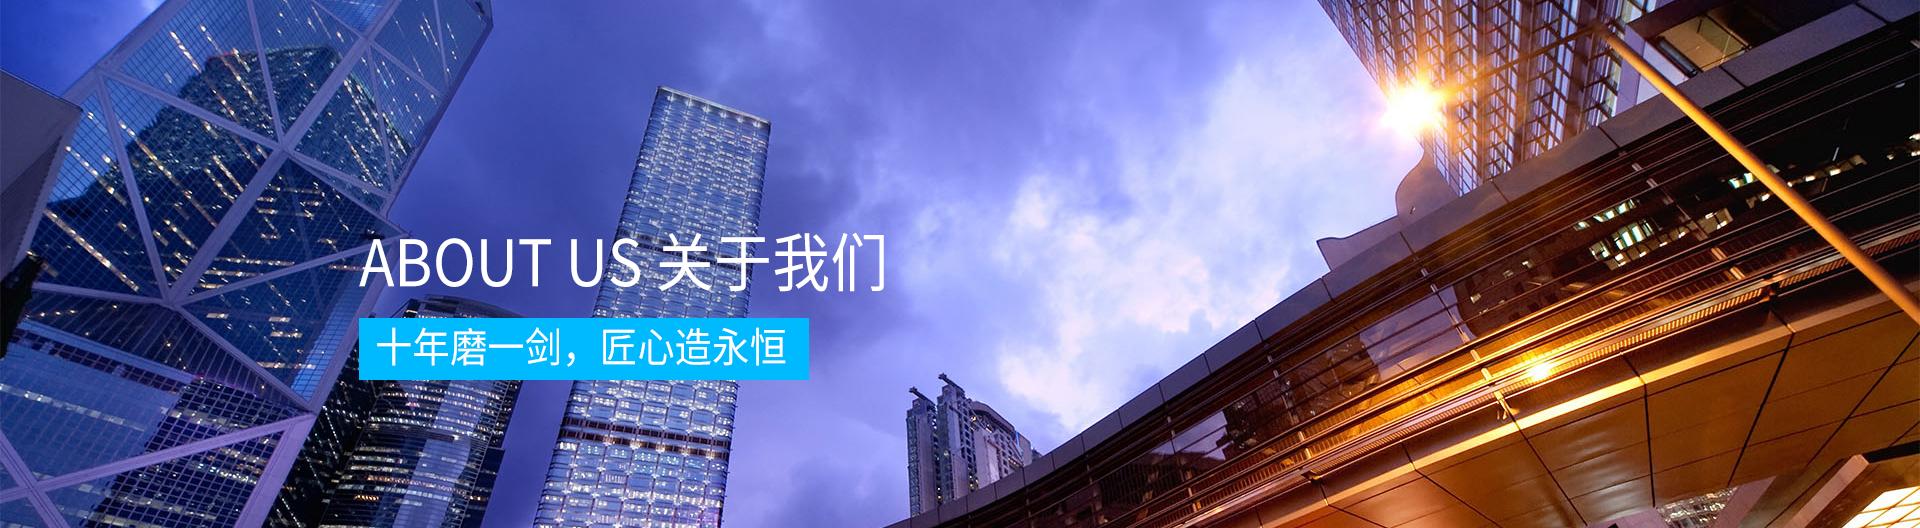 大奖官方网页登录电器